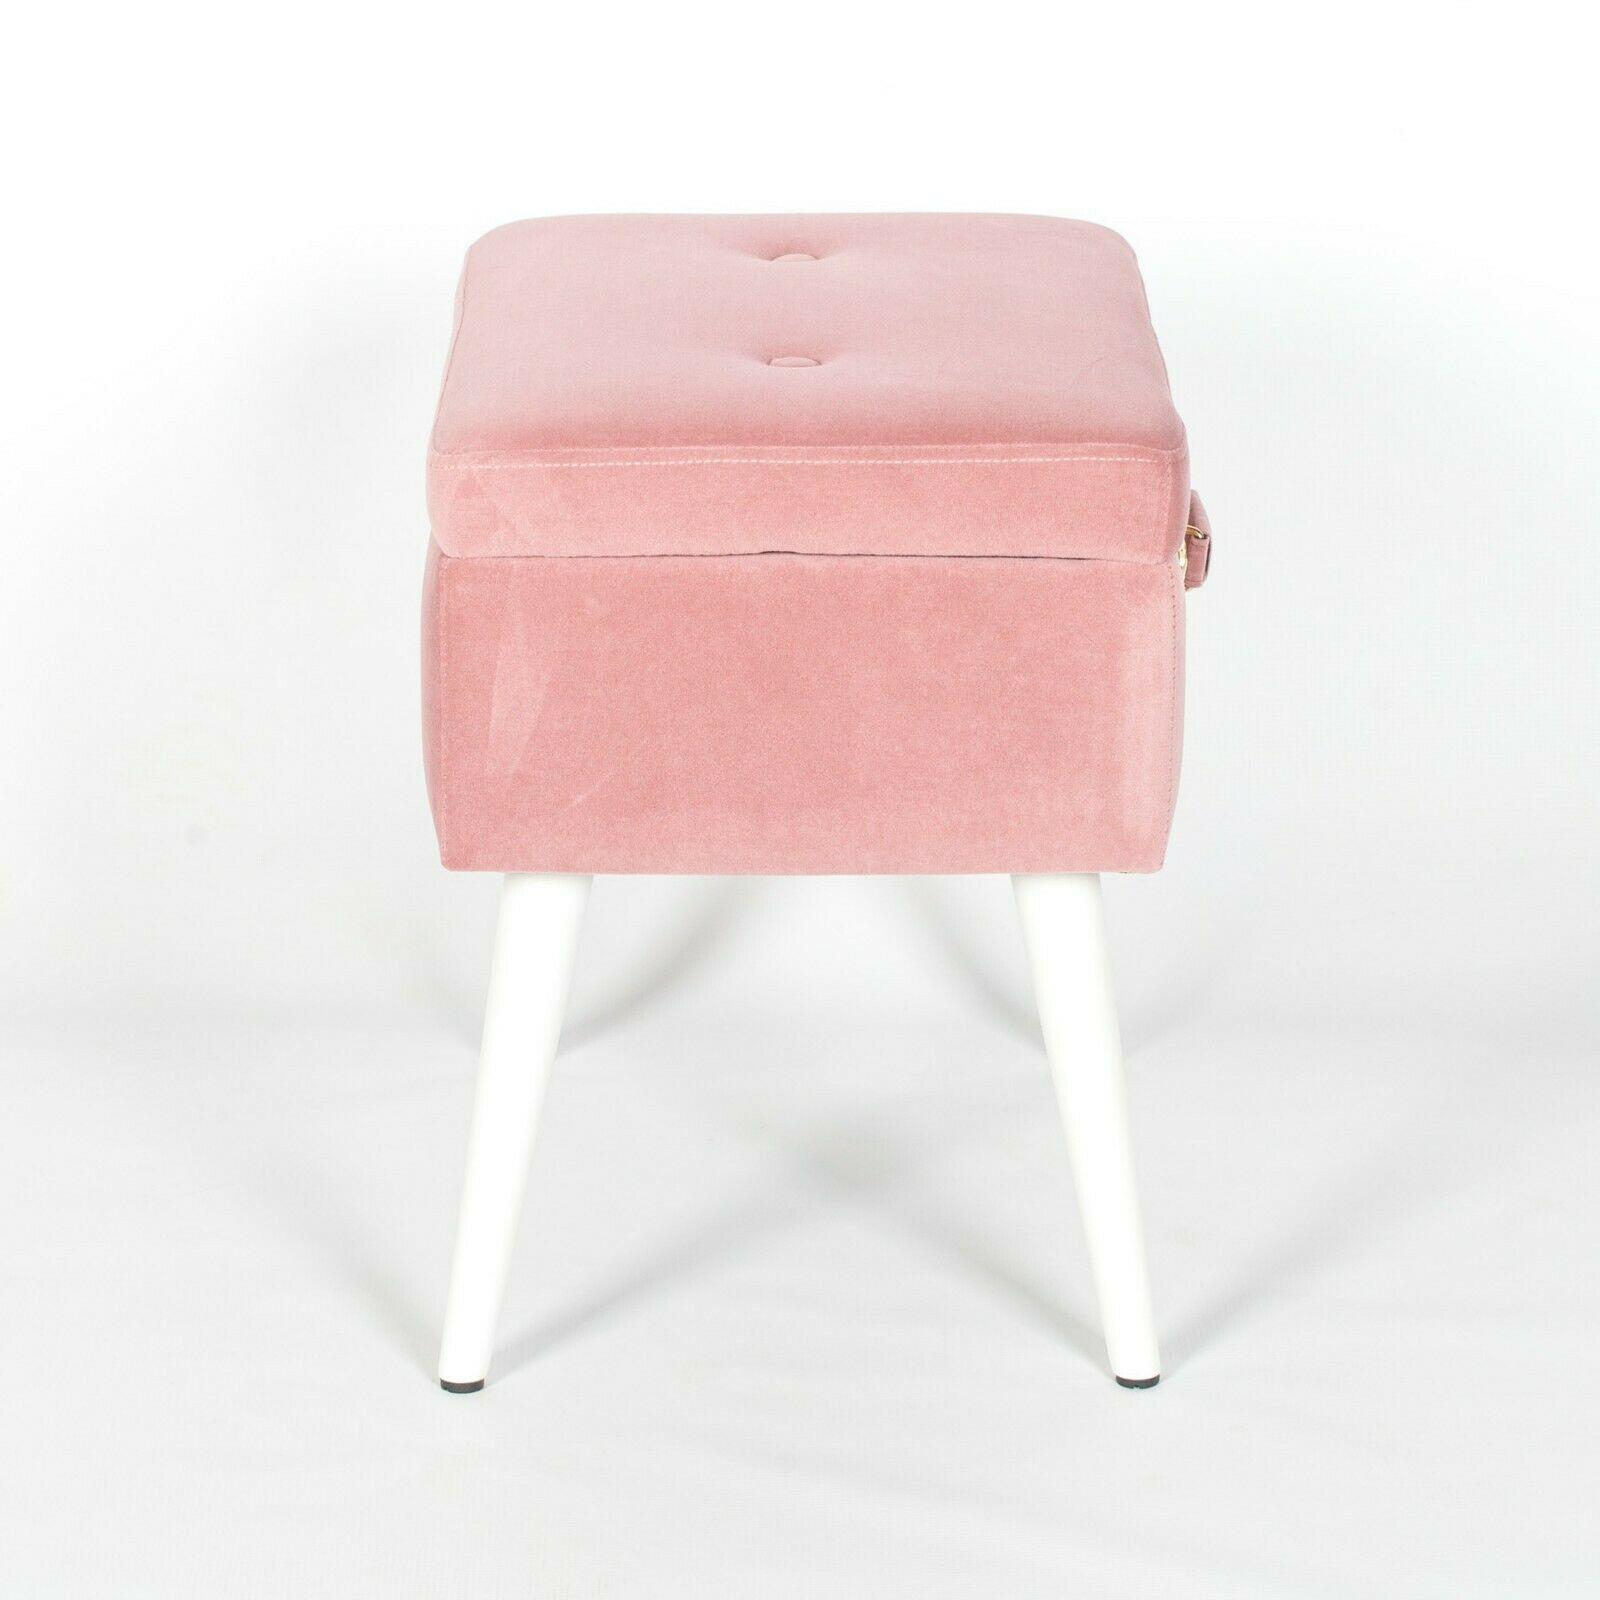 Amour Pink Velvet White Legs Upholstered Suitcase Bedroom